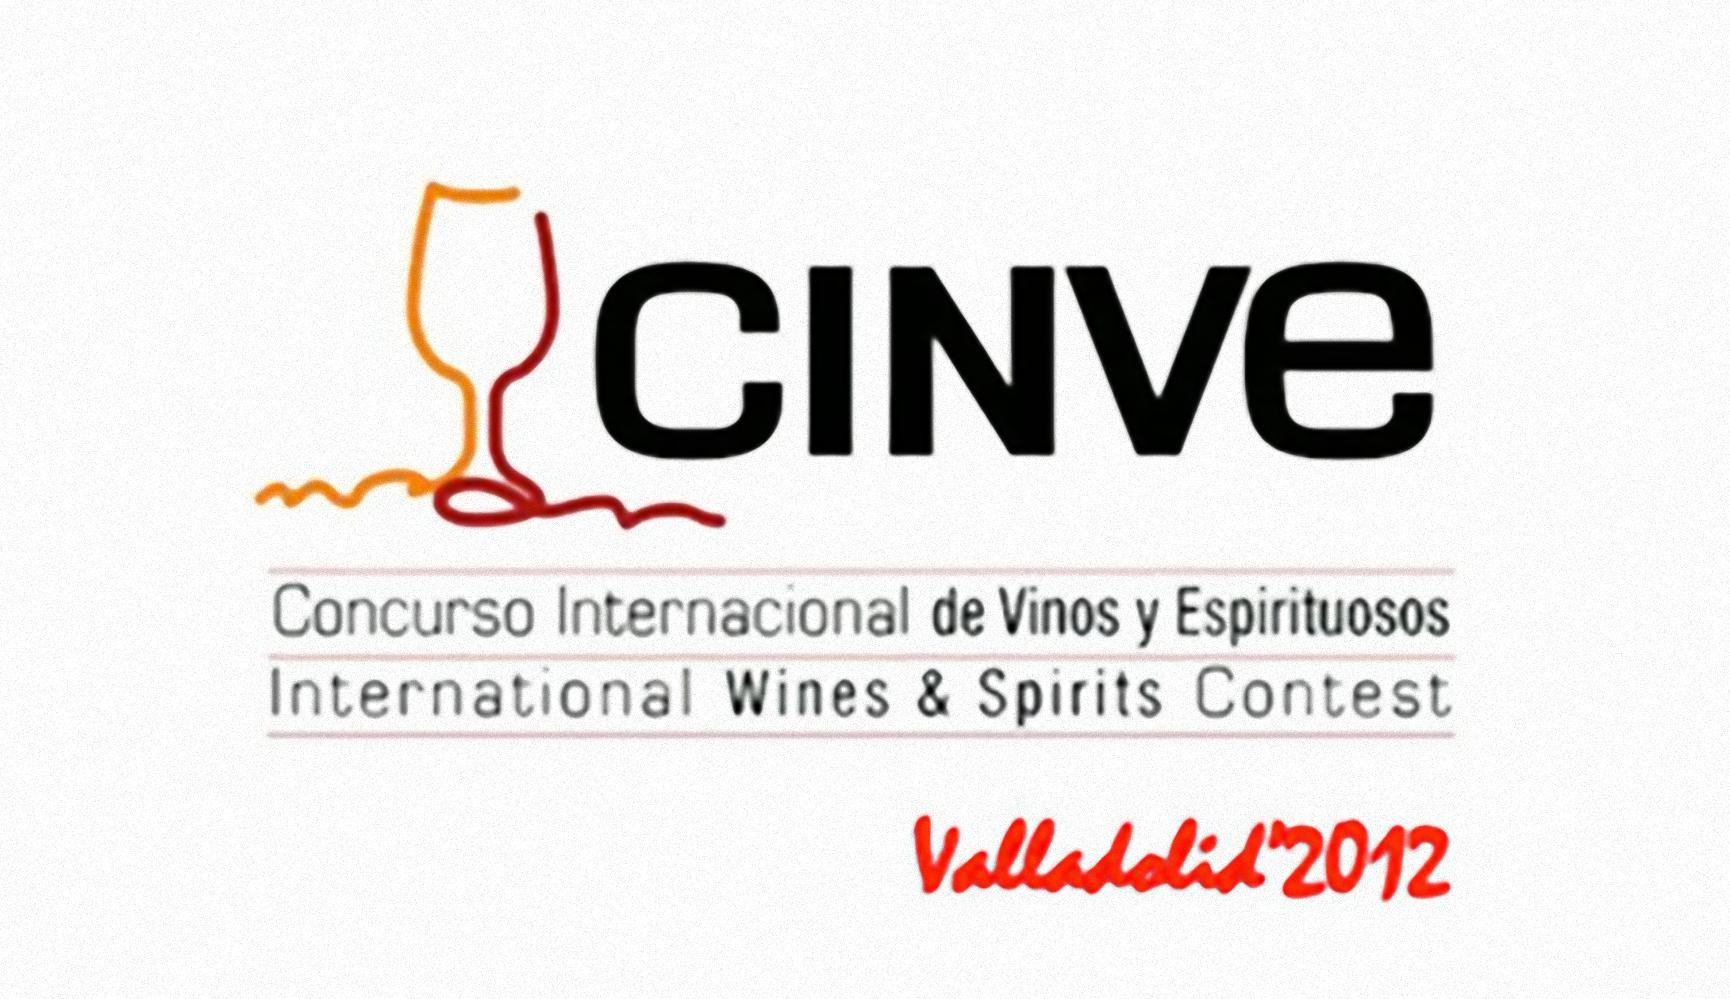 CINVE 2012